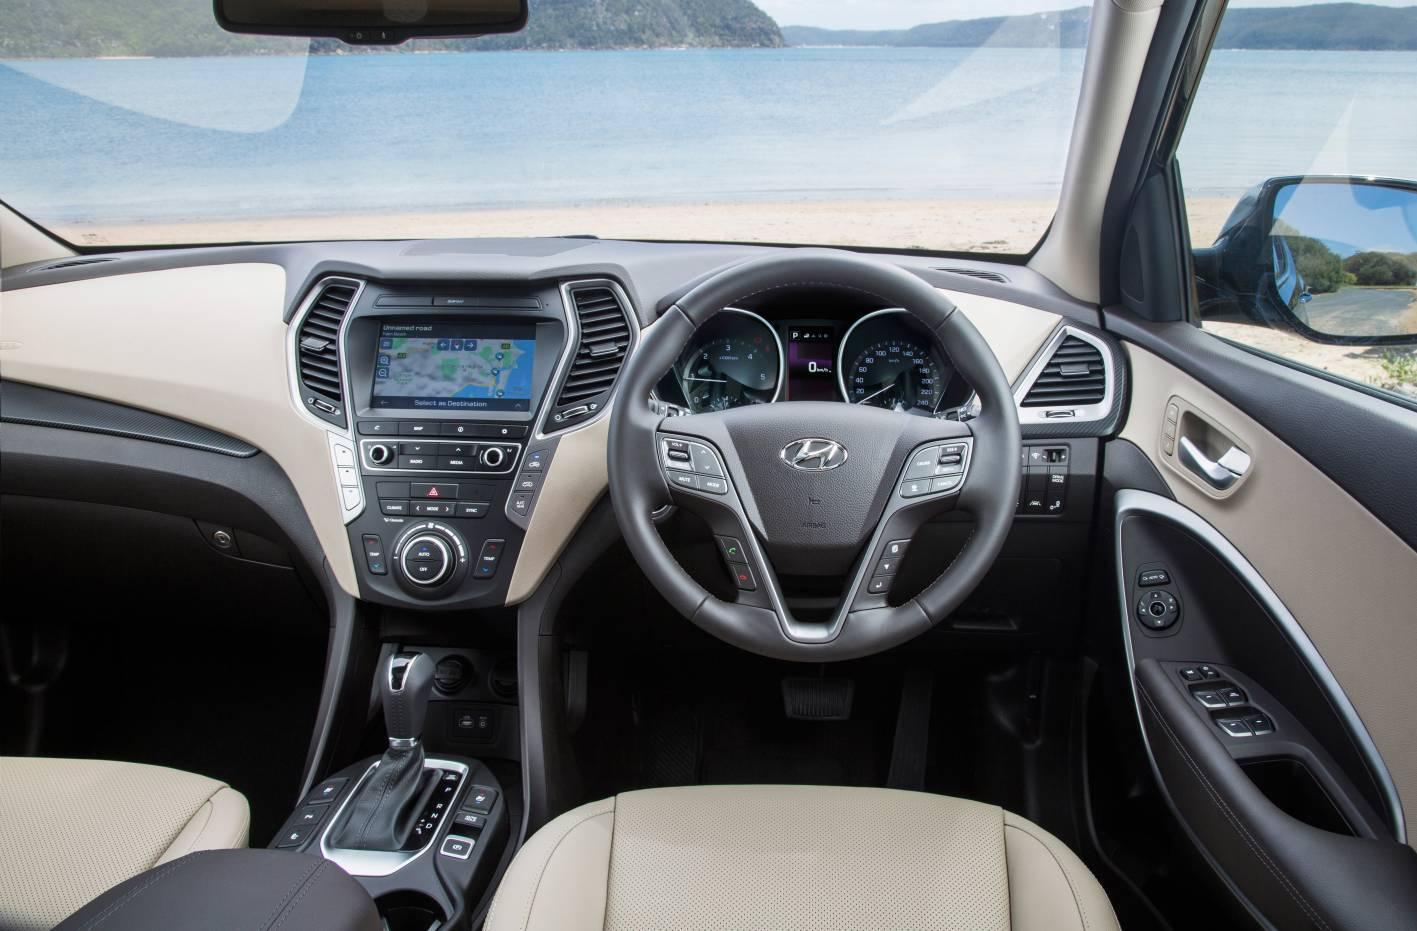 Should I Buy A Hyundai Santa Fe 7 Seater Suv Auto Expert By John